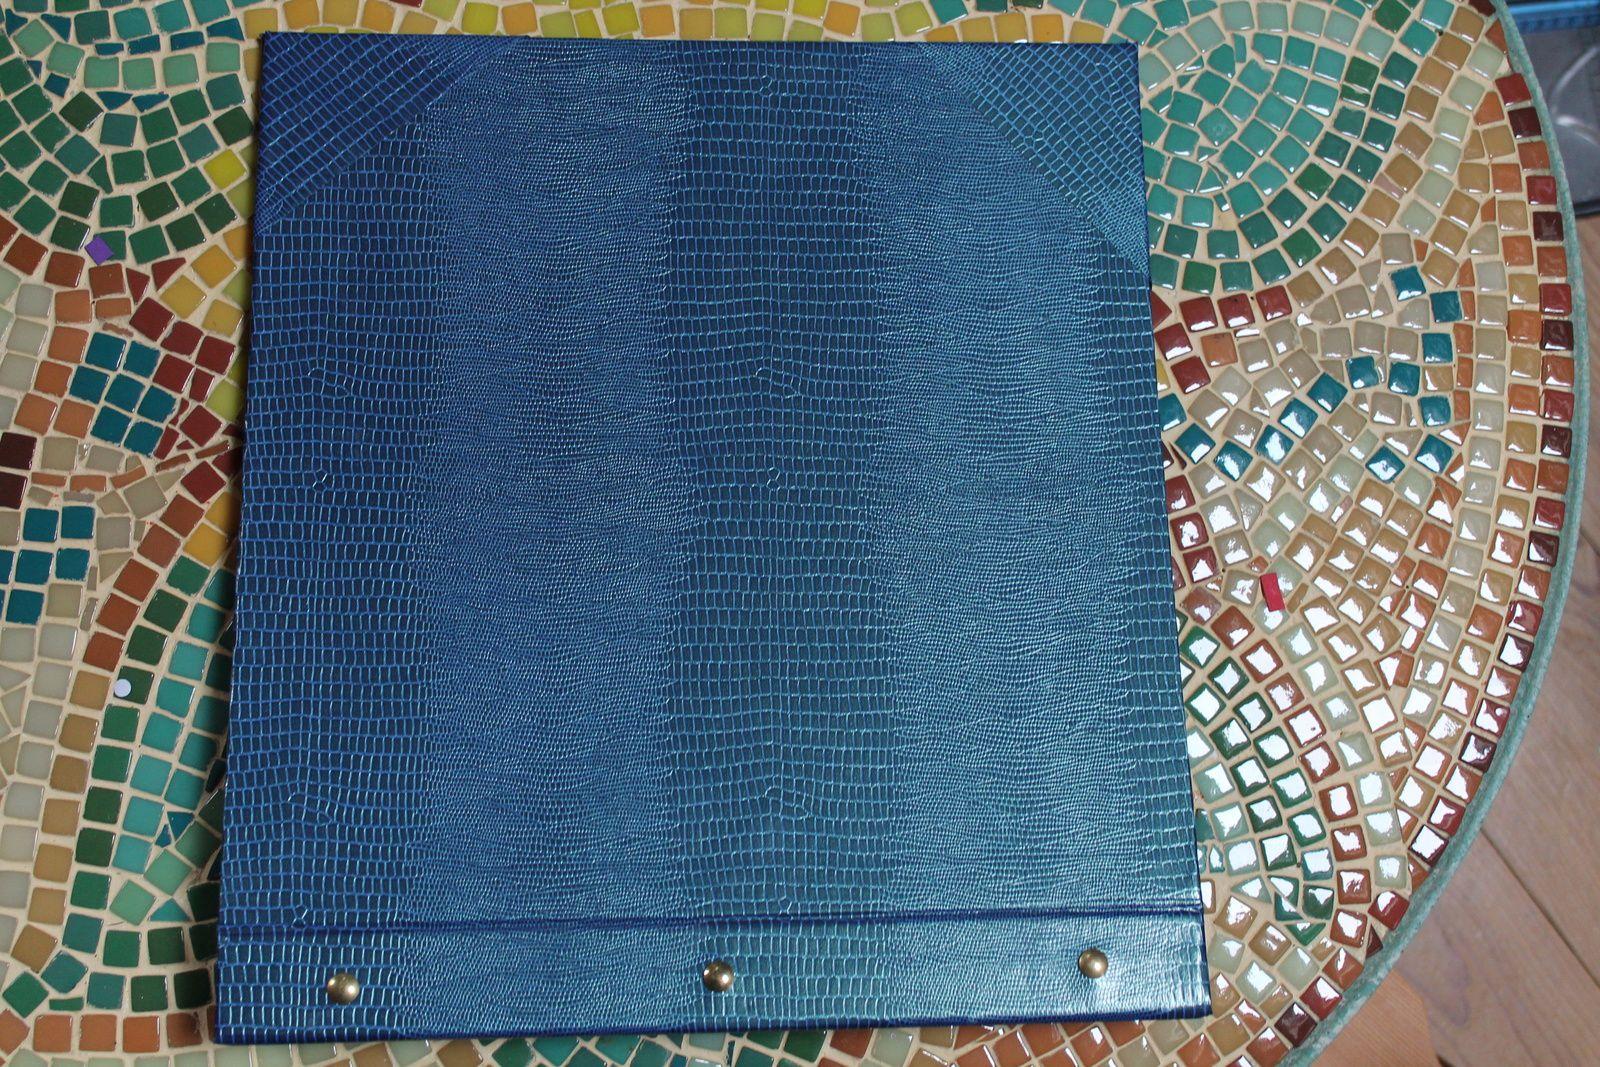 Je viens de fabriquer mon premier album de scrap, j'ai opéré avec les papiers que j'avais sous la main, mais je suis assez fière du résultat. Je me suis inspirée d'une vidéo vue sur le net. C'est un peu long, mais ça vaut le coup, étant donné le prix des albums sur le marché. Je l'ai recouvert d'un papier simili cuir bleu (c'est tout ce que j'avais) et l'intérieur et recouvert d'un tissu papier (que j'utilisais pour l'encadrement). Il ne me reste plus qu'à trouvé des vis pour album, et le tour est joué. Bon dimanche, très venteux pour nous !!! Bizzzzz